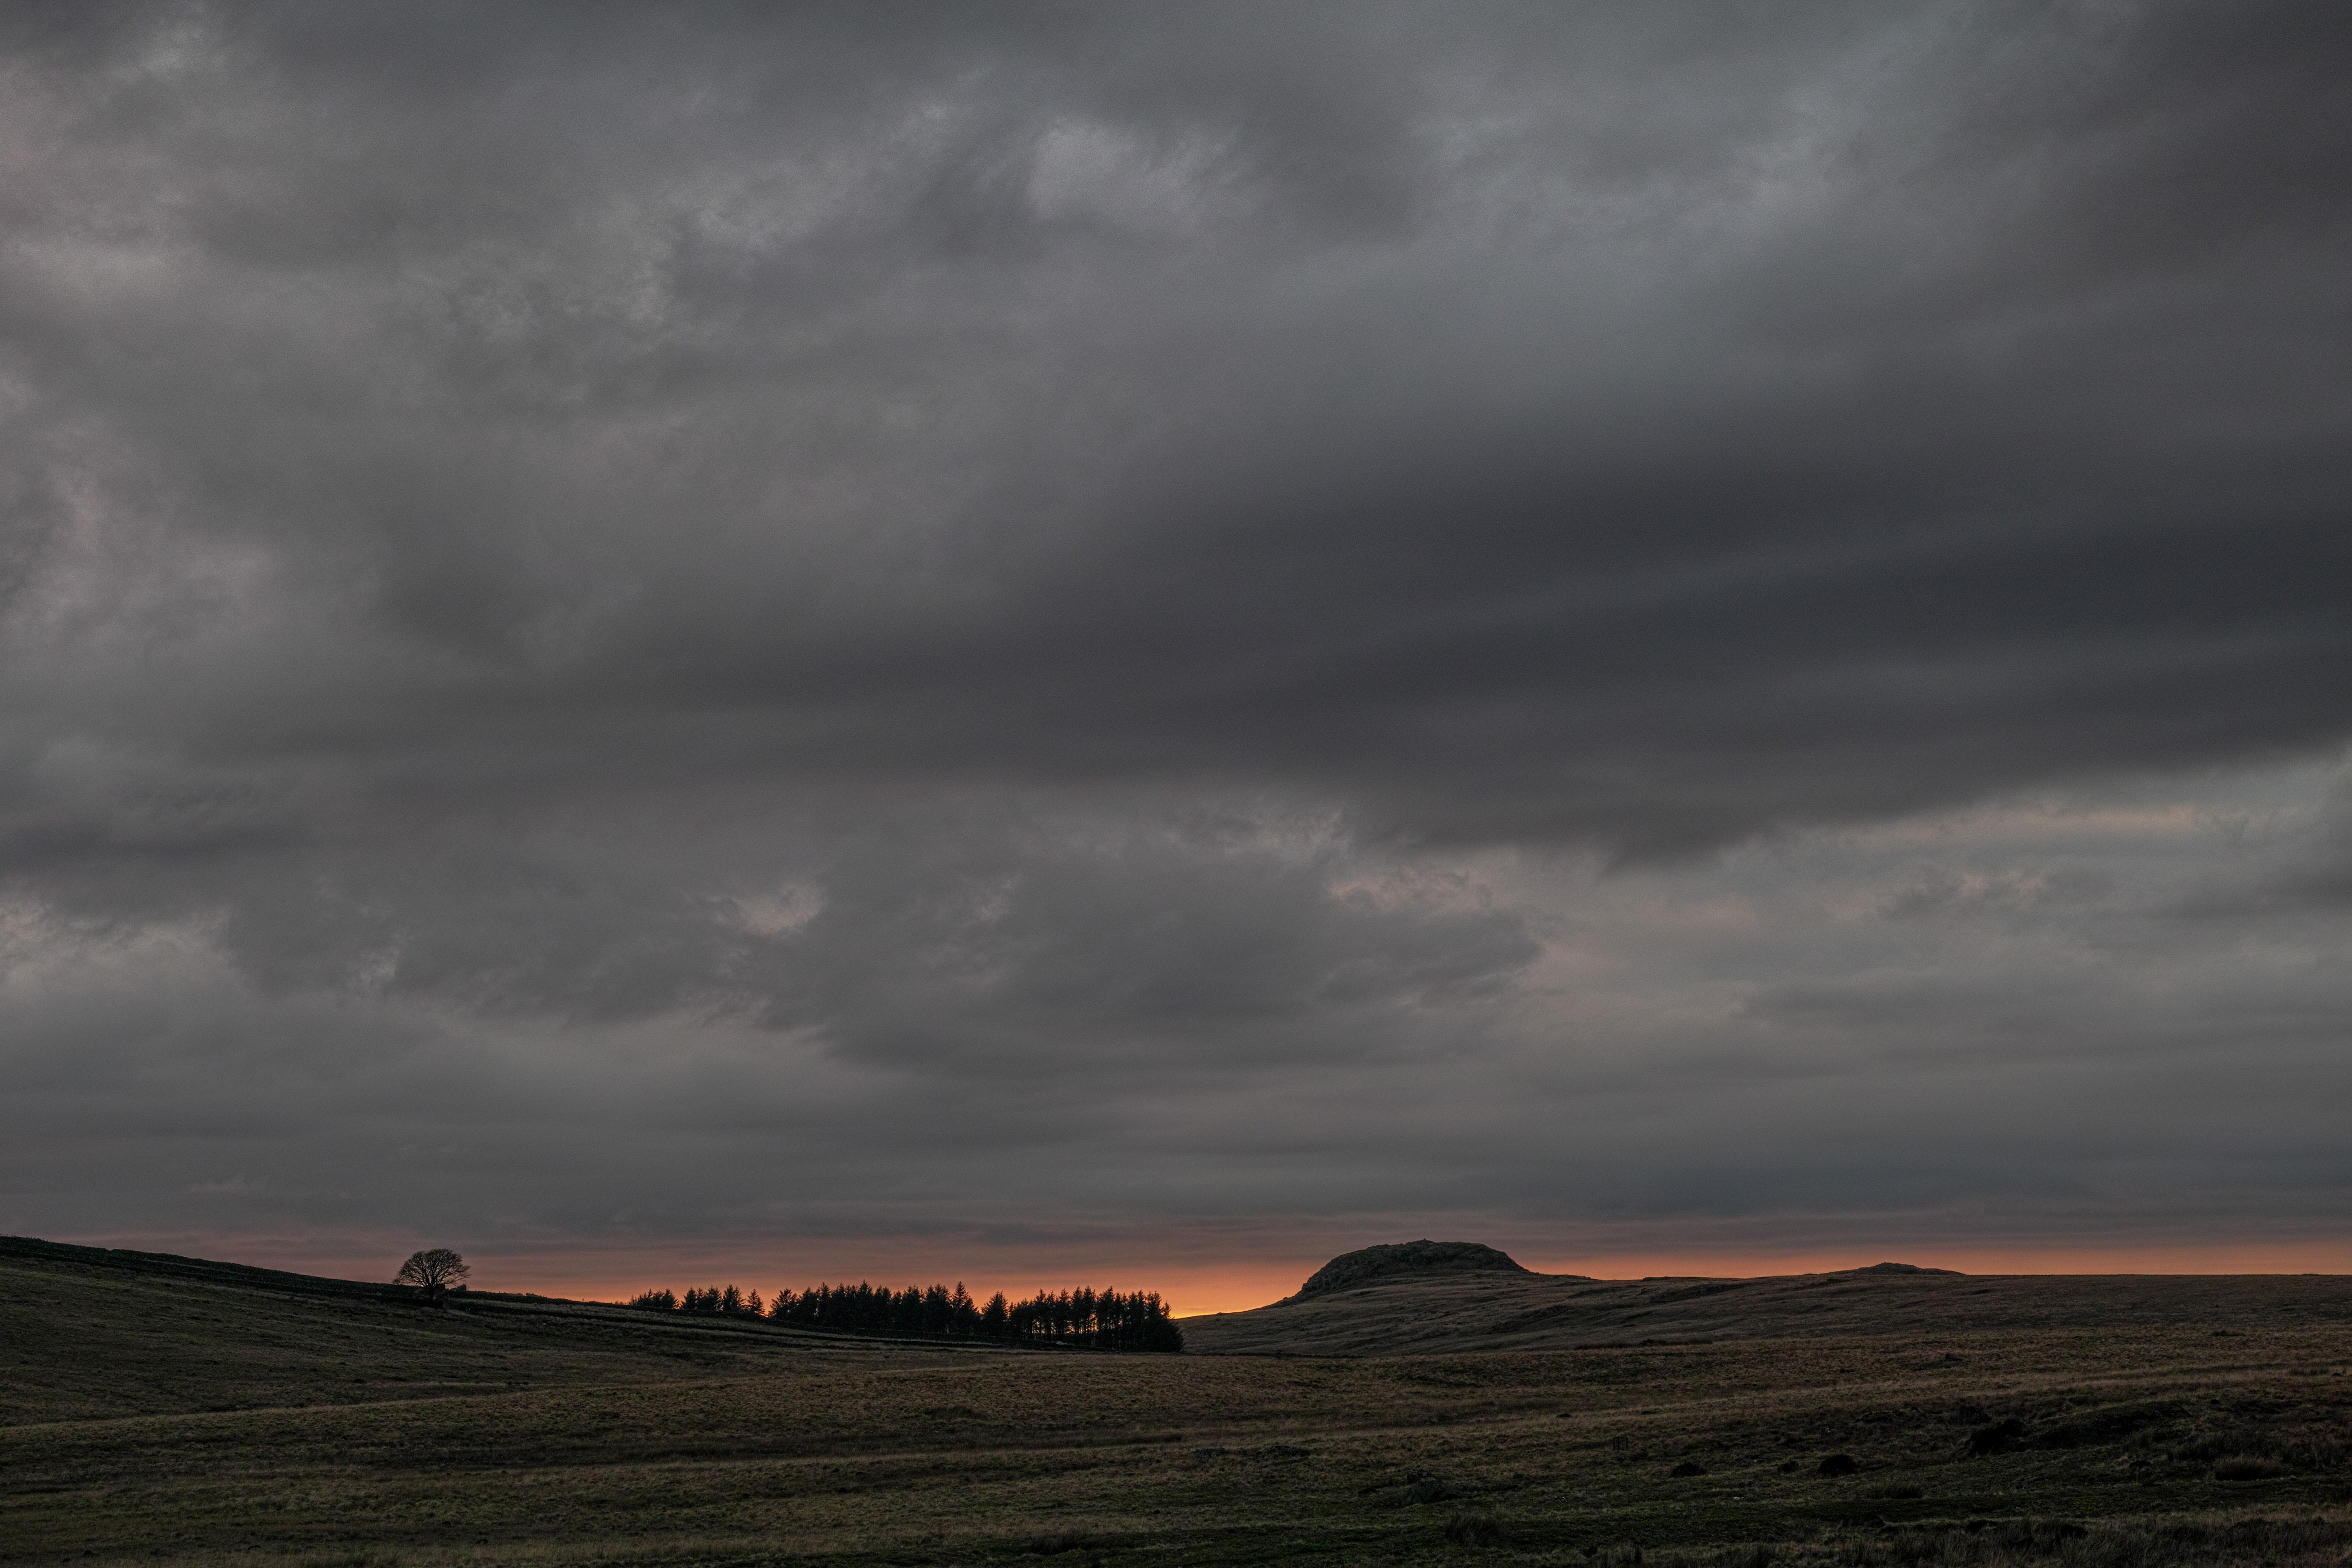 Cumbrian Sky